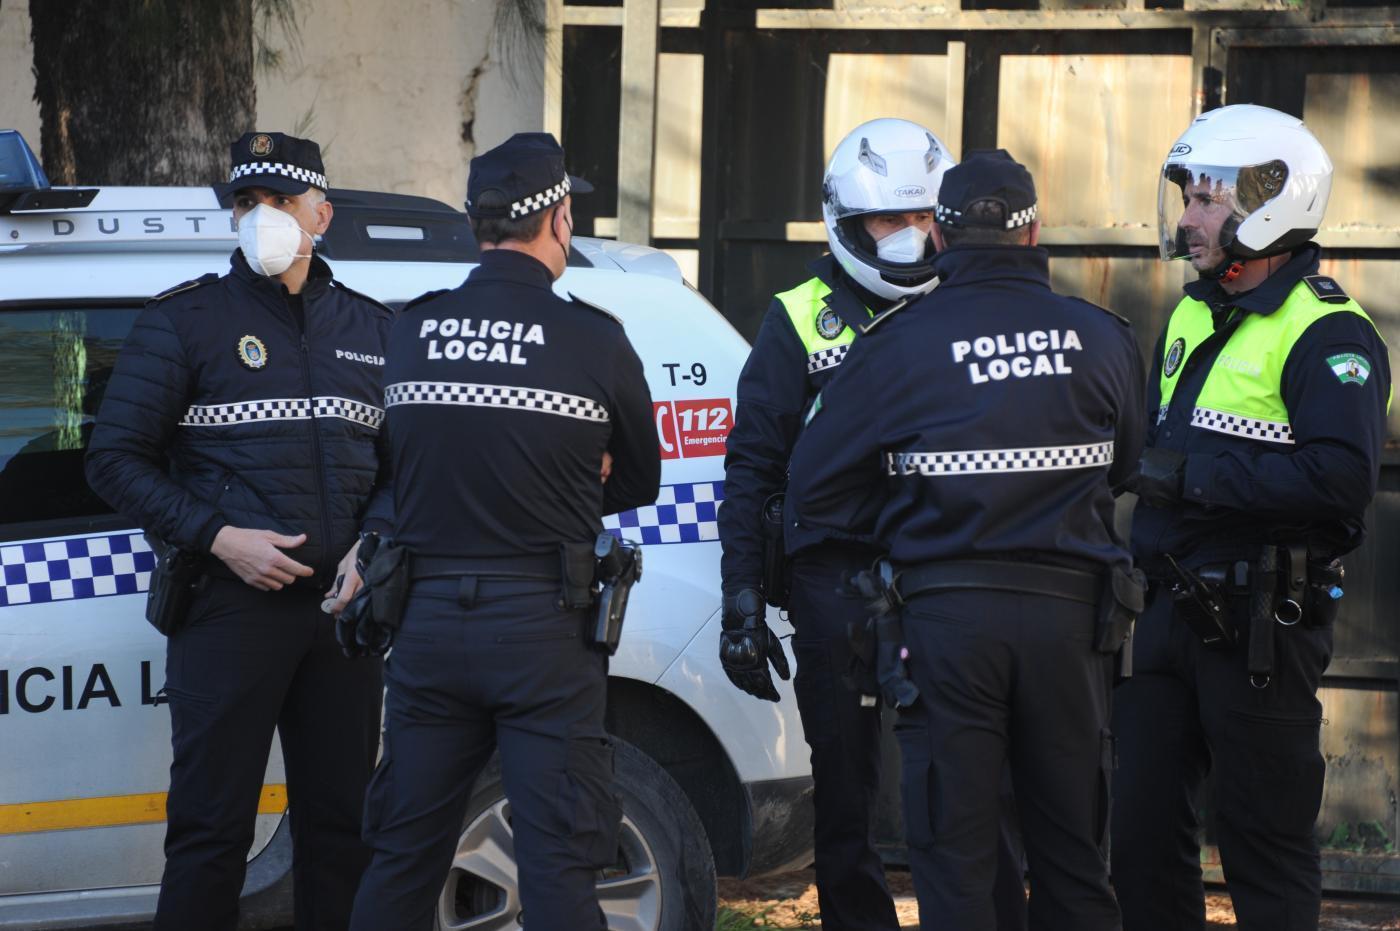 Casi 150 denuncias por botellón durante el fin de semana en Chiclana